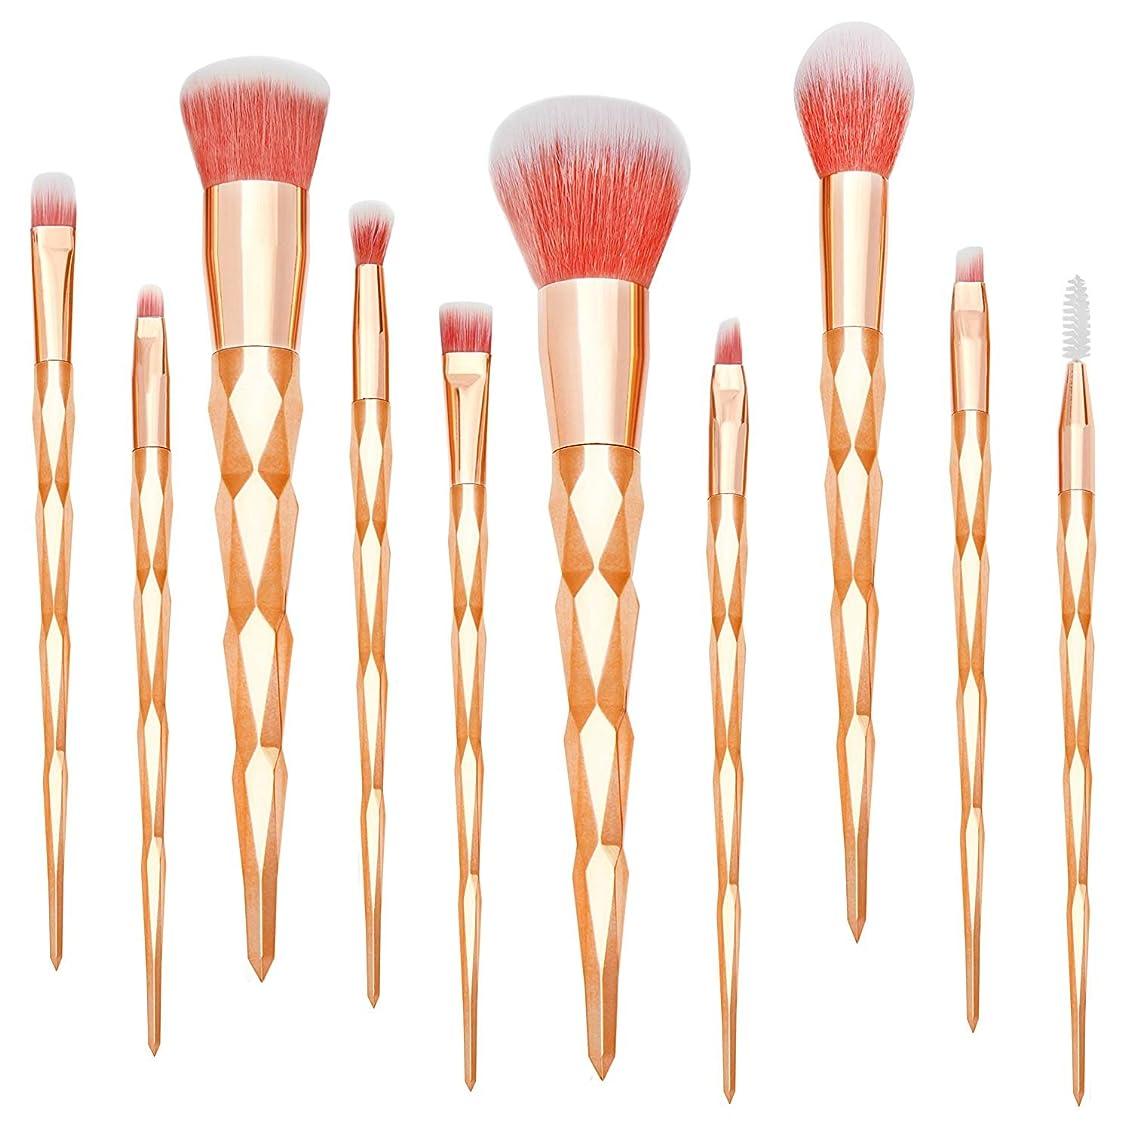 対骨髄理由Qivange ユニコーンメイクブラシセット 化粧ブラシ 高級繊維 優しい肌触り 10本化粧筆セット 手柄キラキラ(貴族のゴールド)